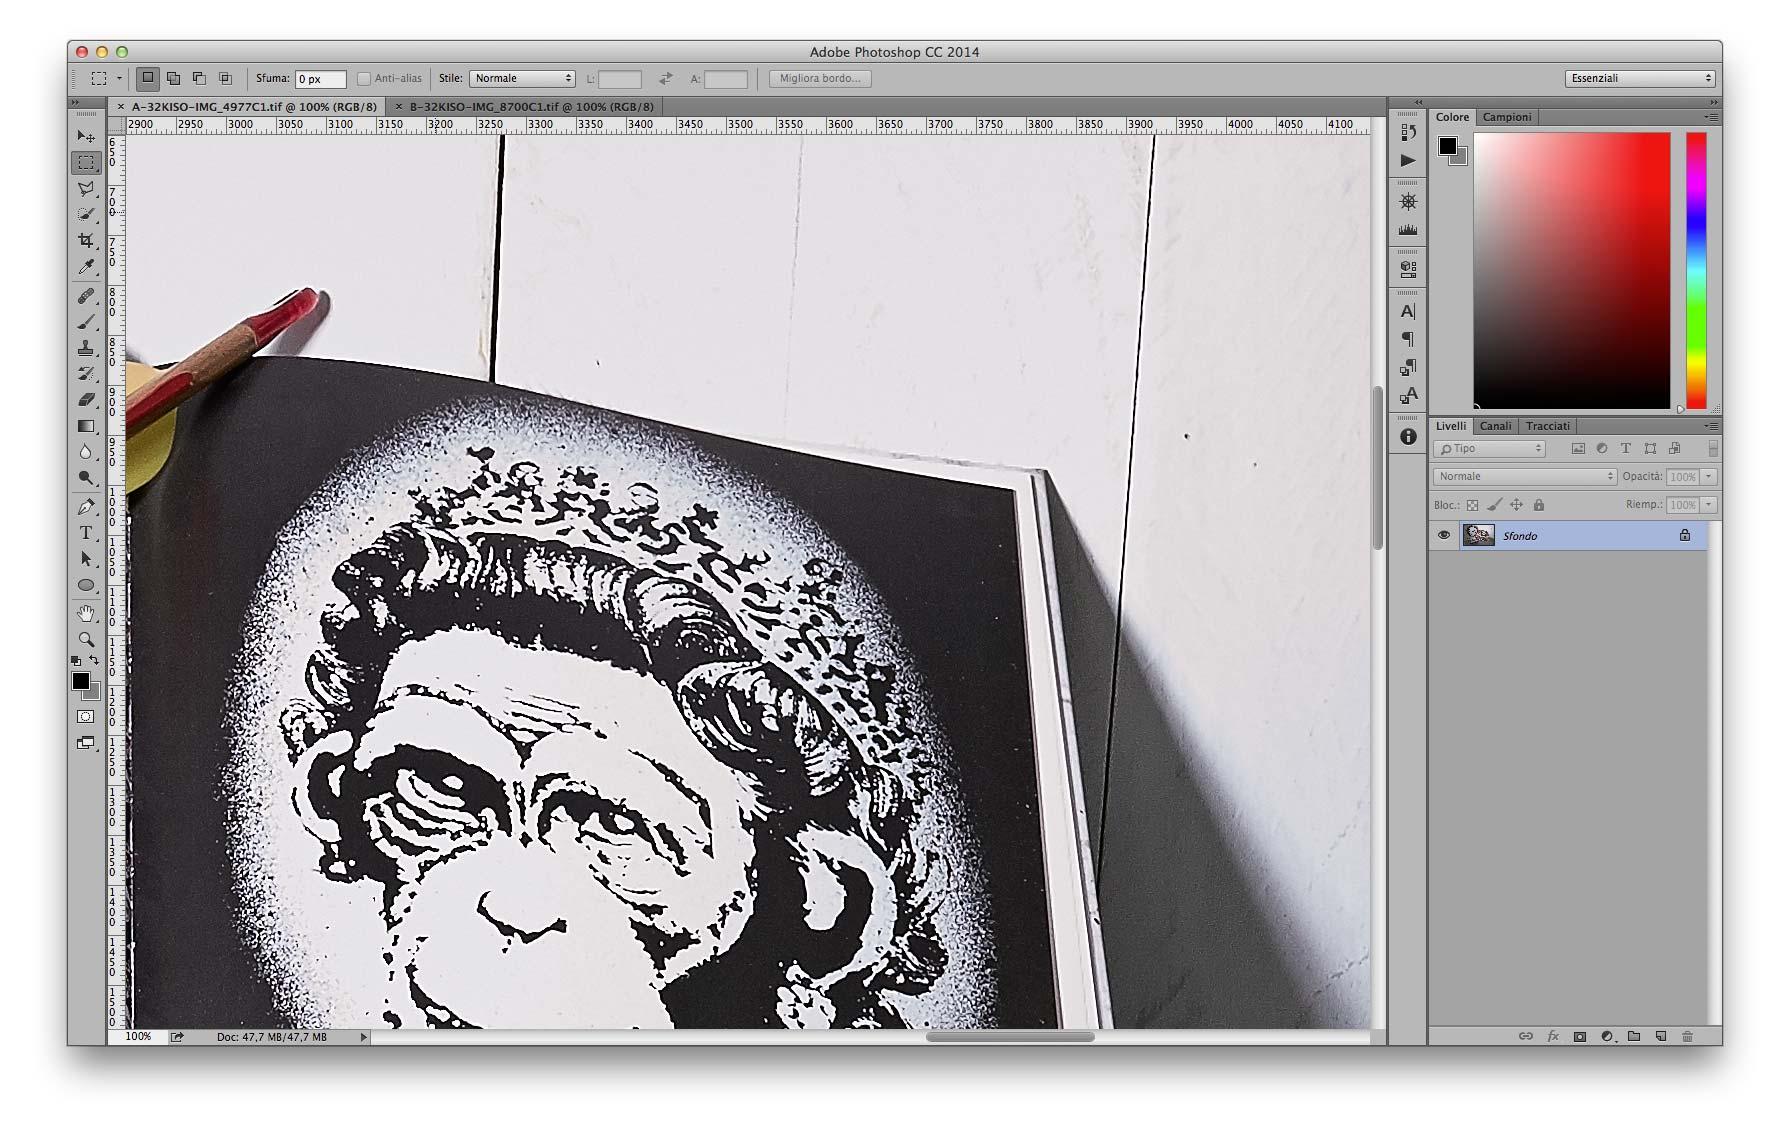 Dettaglio Alte Luci - A 35mm f/11 3200 ISO Recuperati -2EV in sviluppo